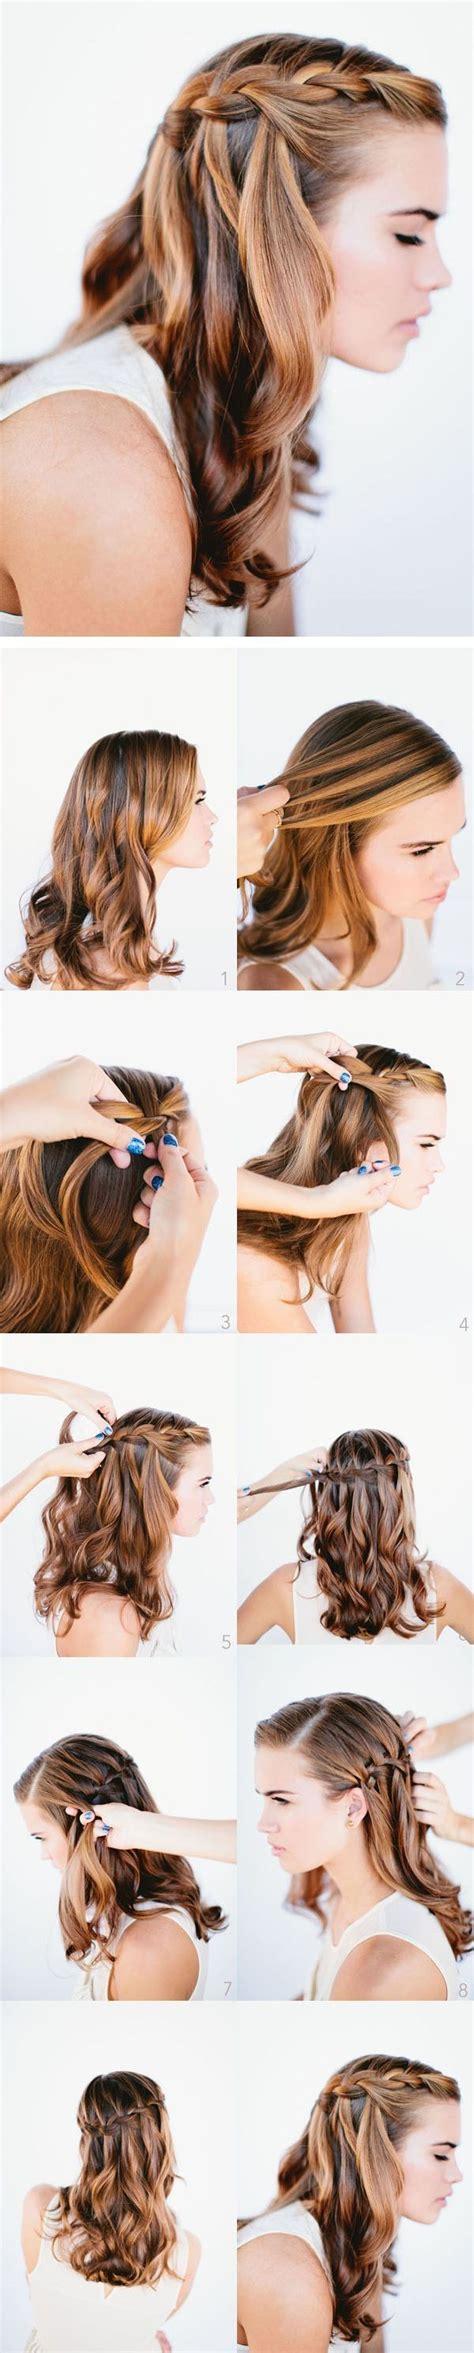 tutorial waterfall braid waterfall braid tutorial hair cooperate pinterest